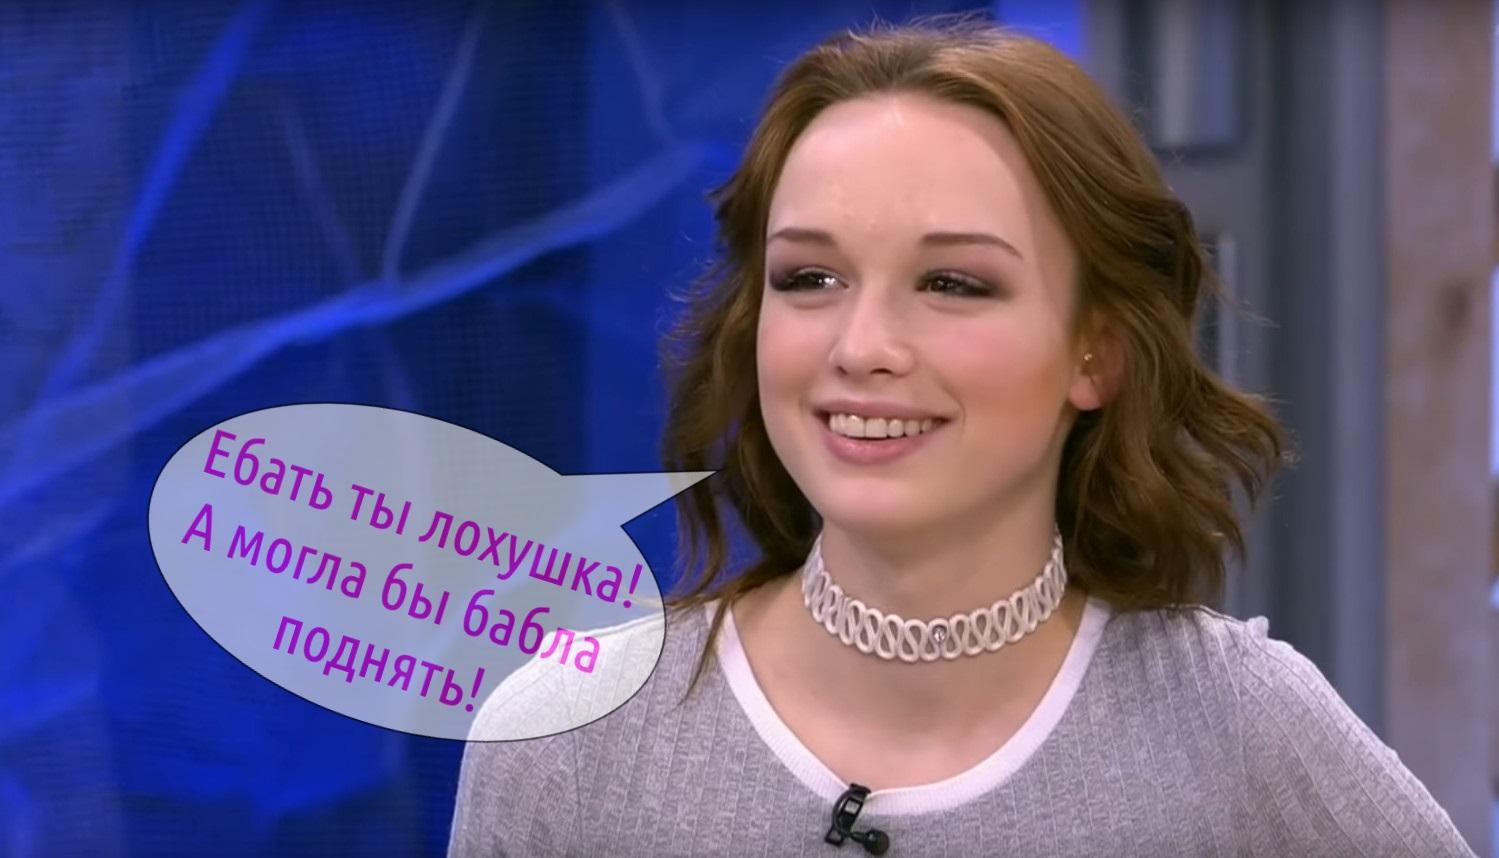 bila-pyanoy-nichego-ne-pomnyu-porno-video-devushki-lyubyashiy-virt-seks